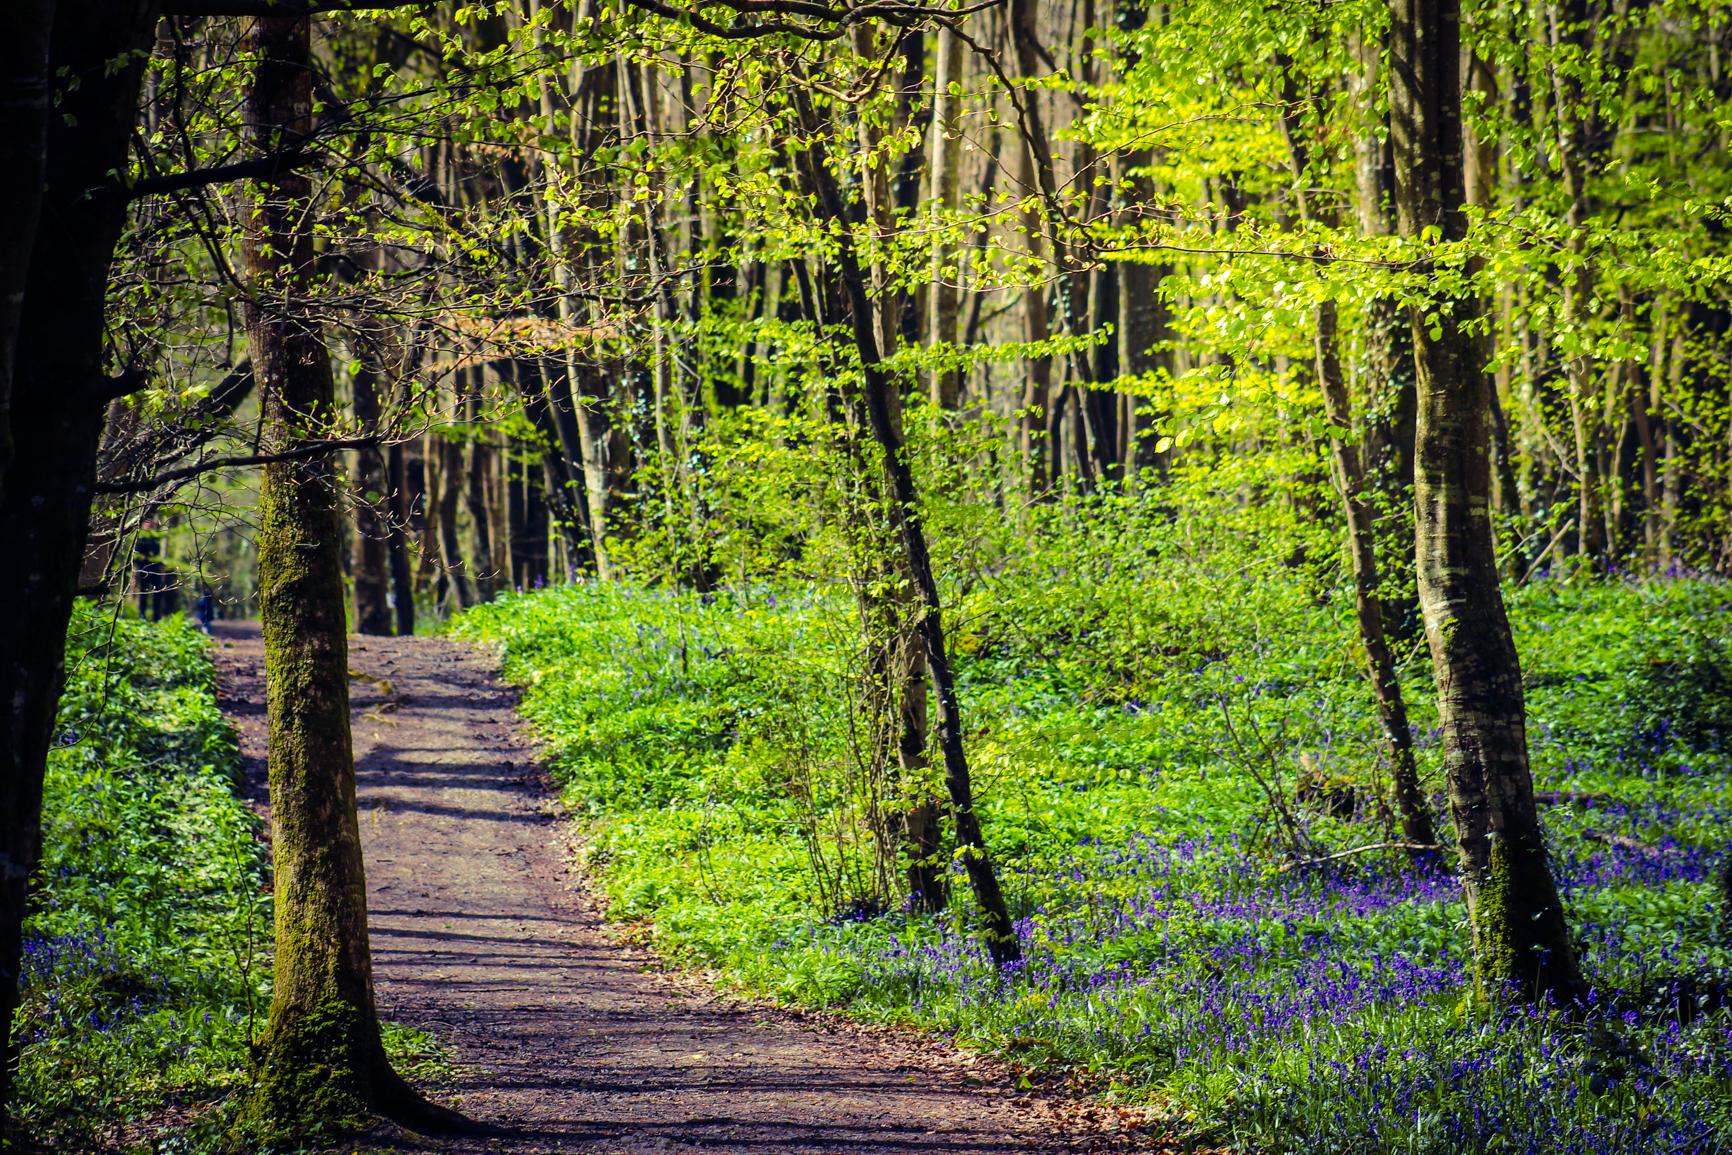 irish-roads-amazing-photo